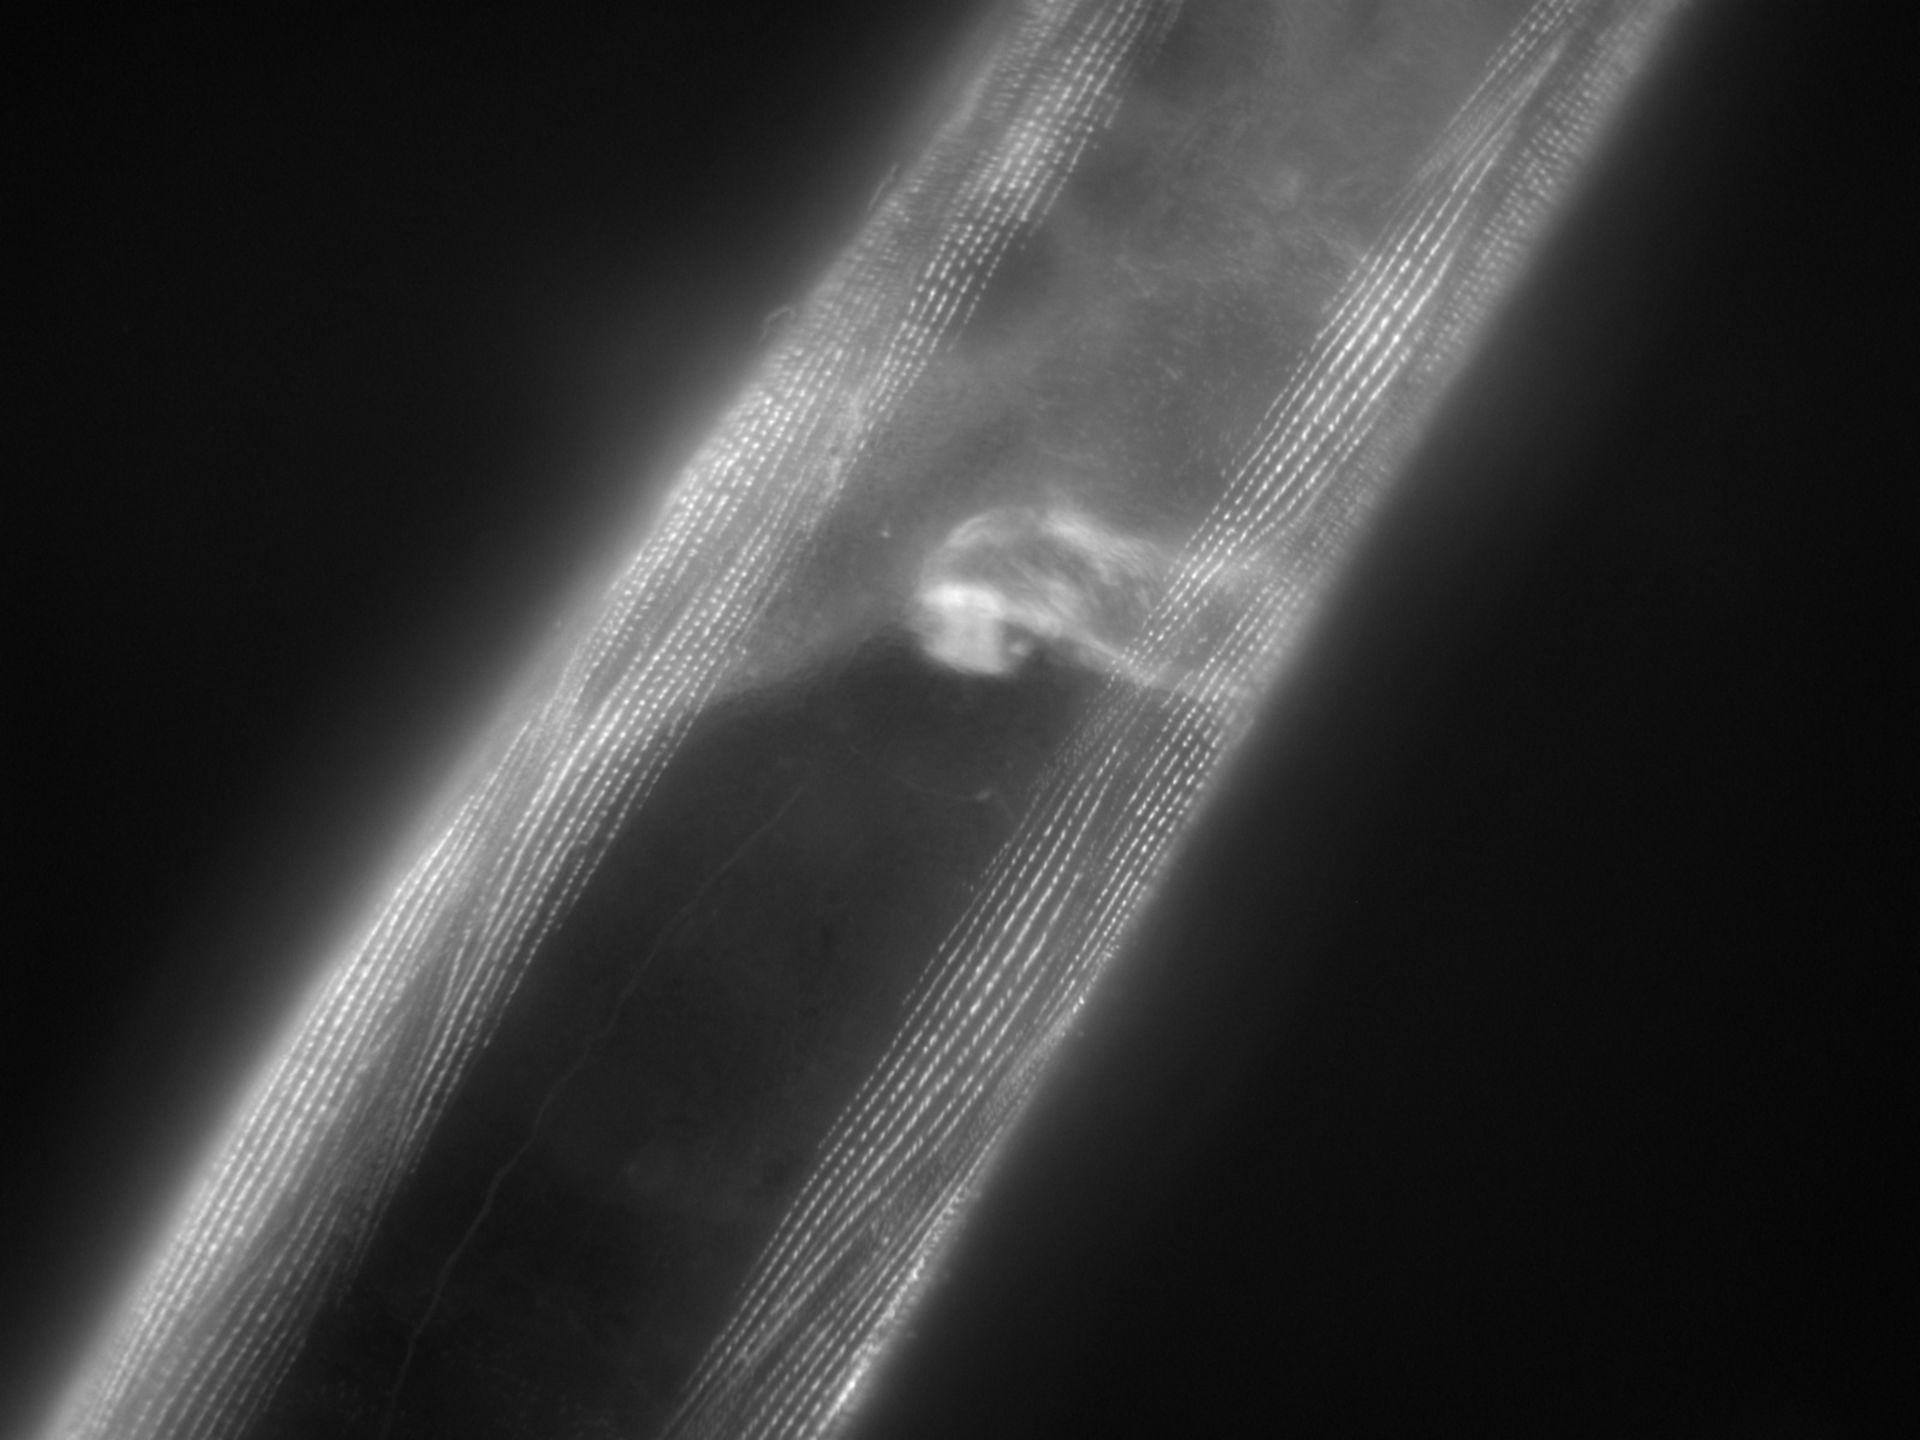 Caenorhabditis elegans (Actin filament) - CIL:1176